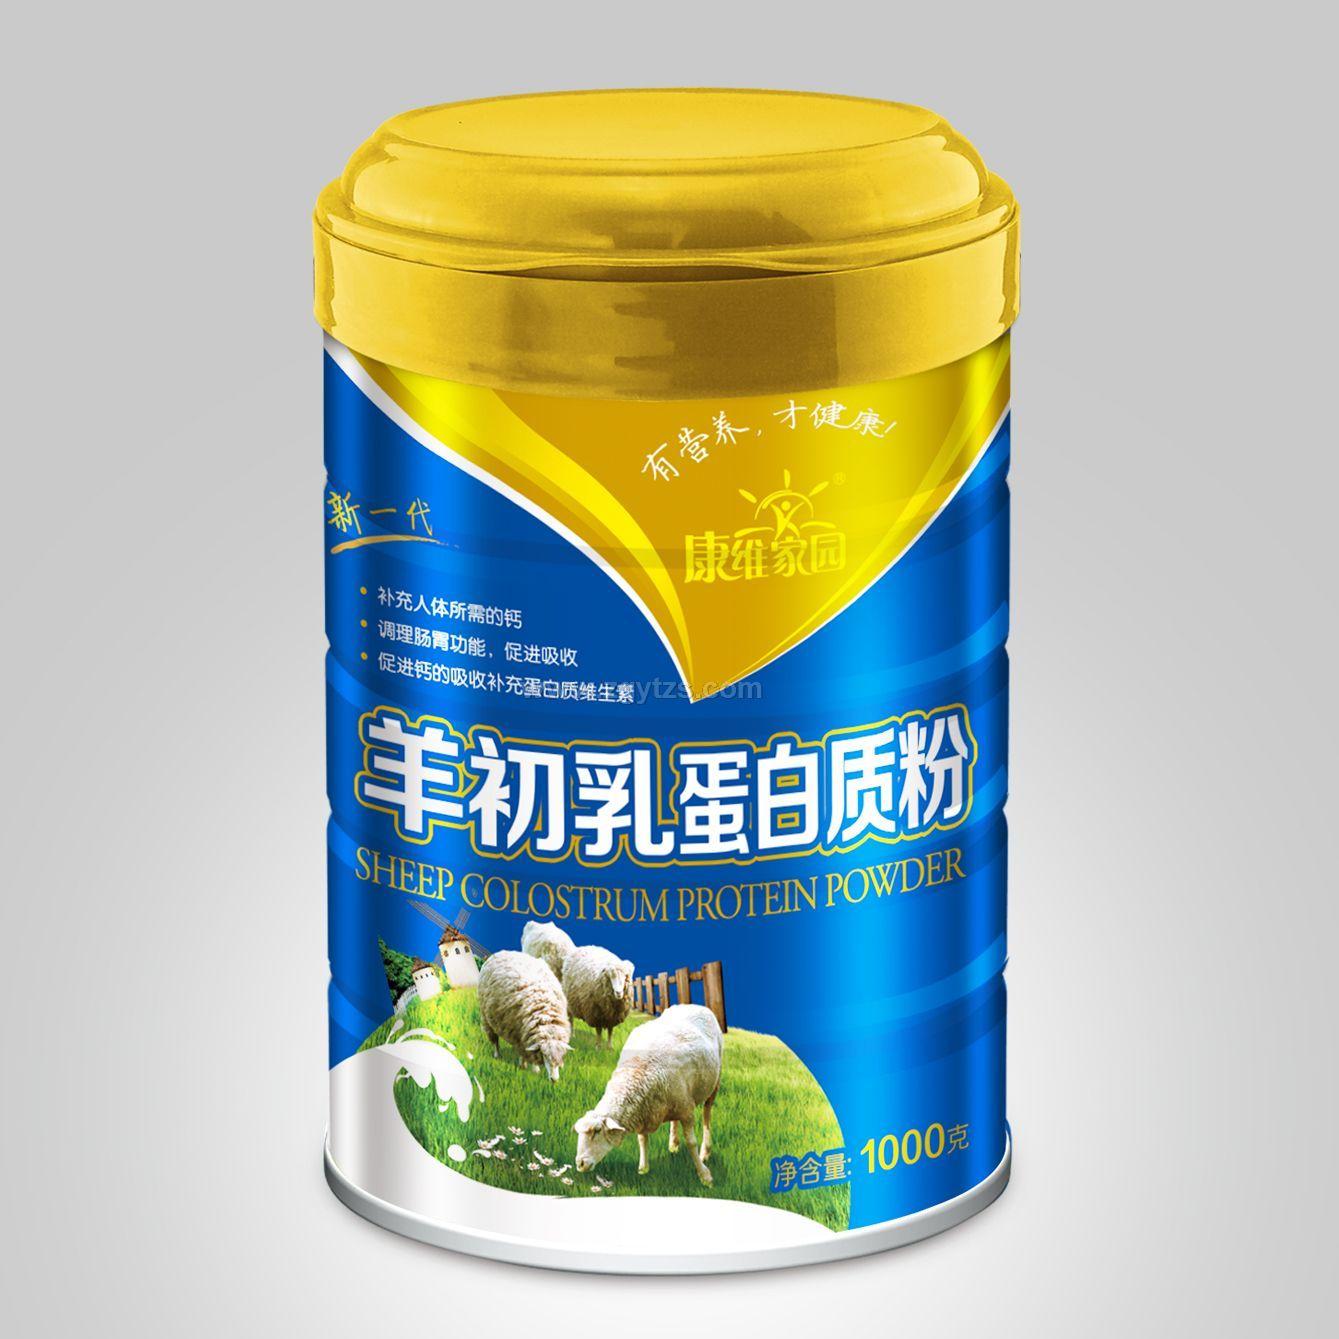 羊初乳蛋白质粉